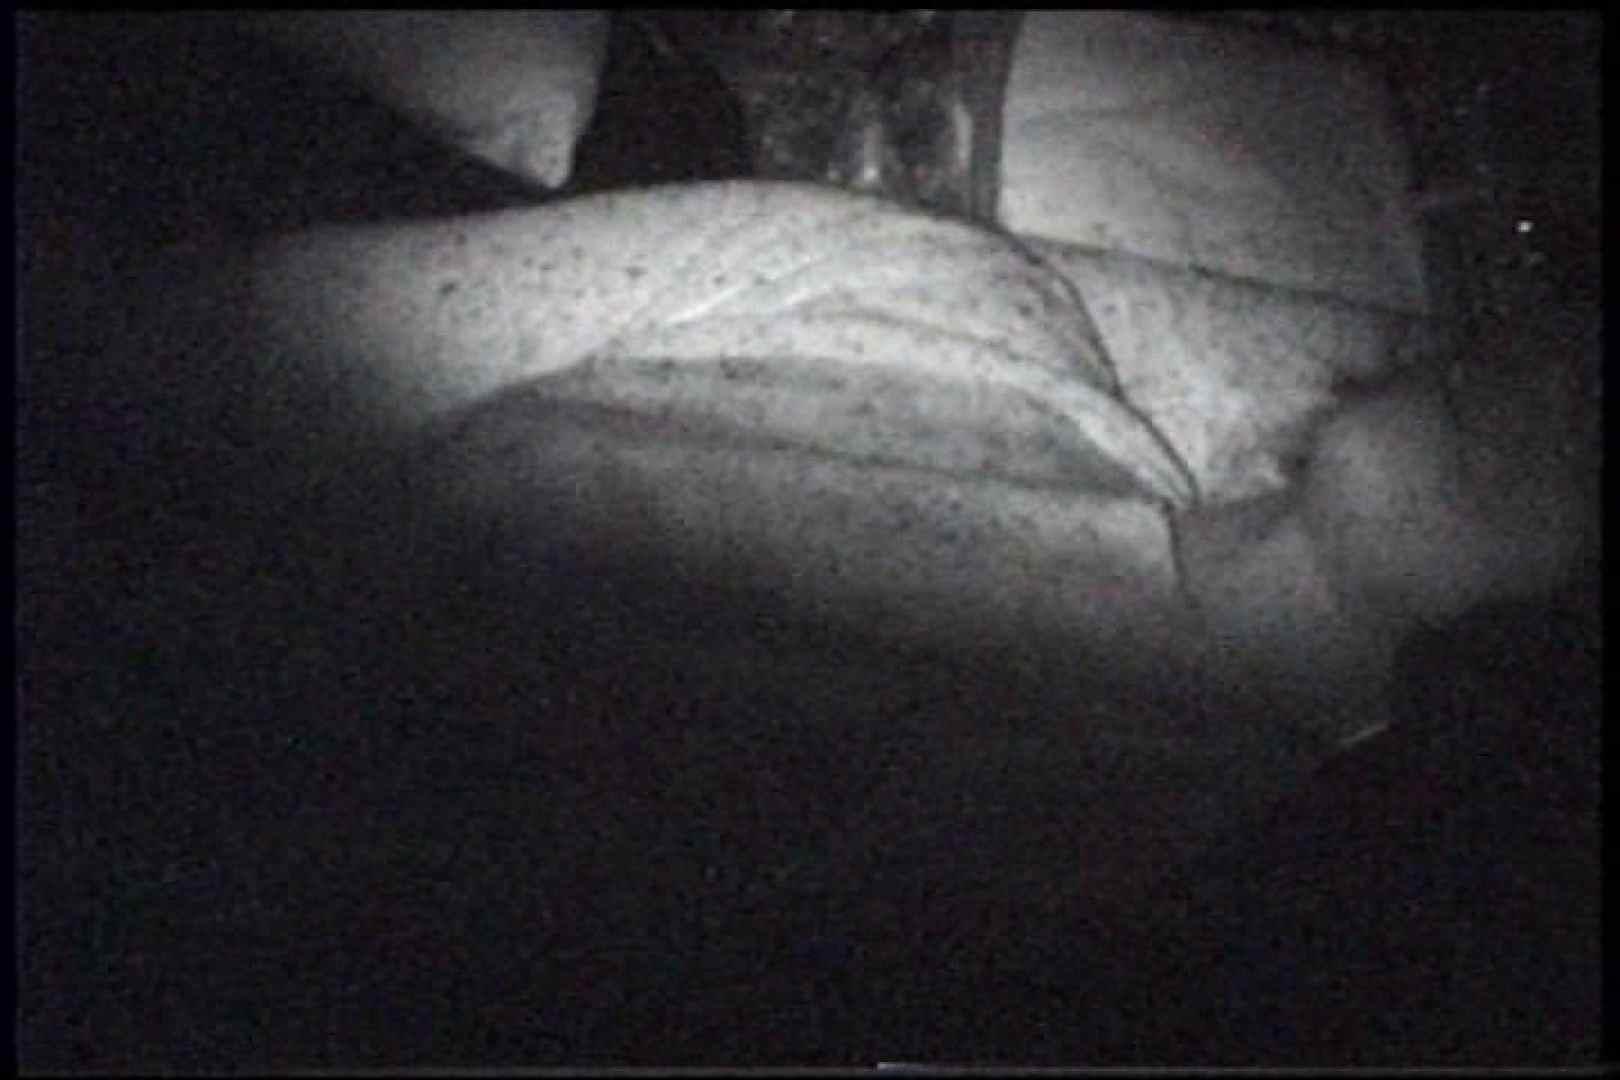 充血監督の深夜の運動会Vol.235 OLエロ画像 | 0  97PICs 5